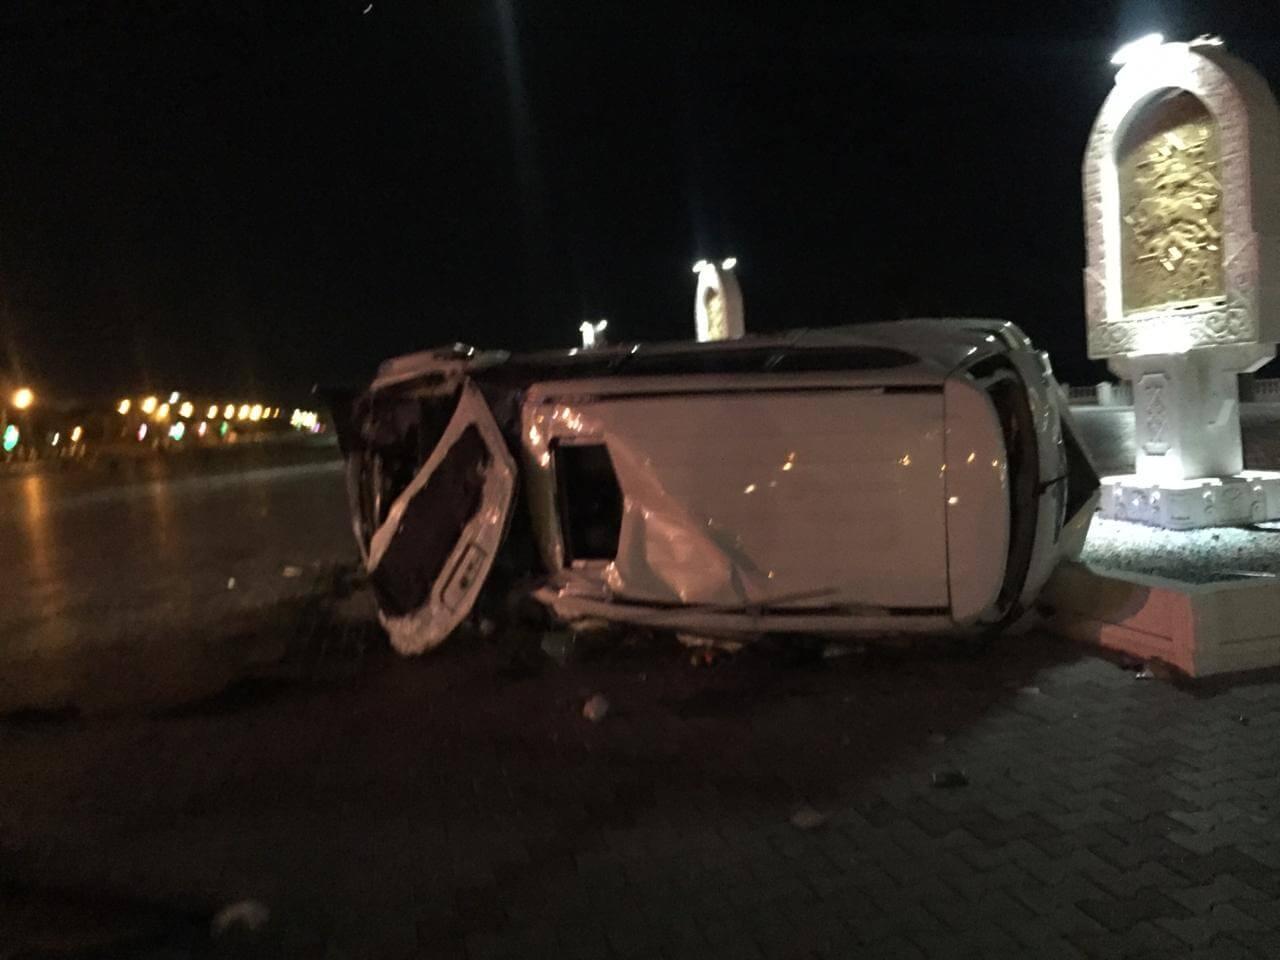 Автомобиль вылетел на пешеходную зону на набережной